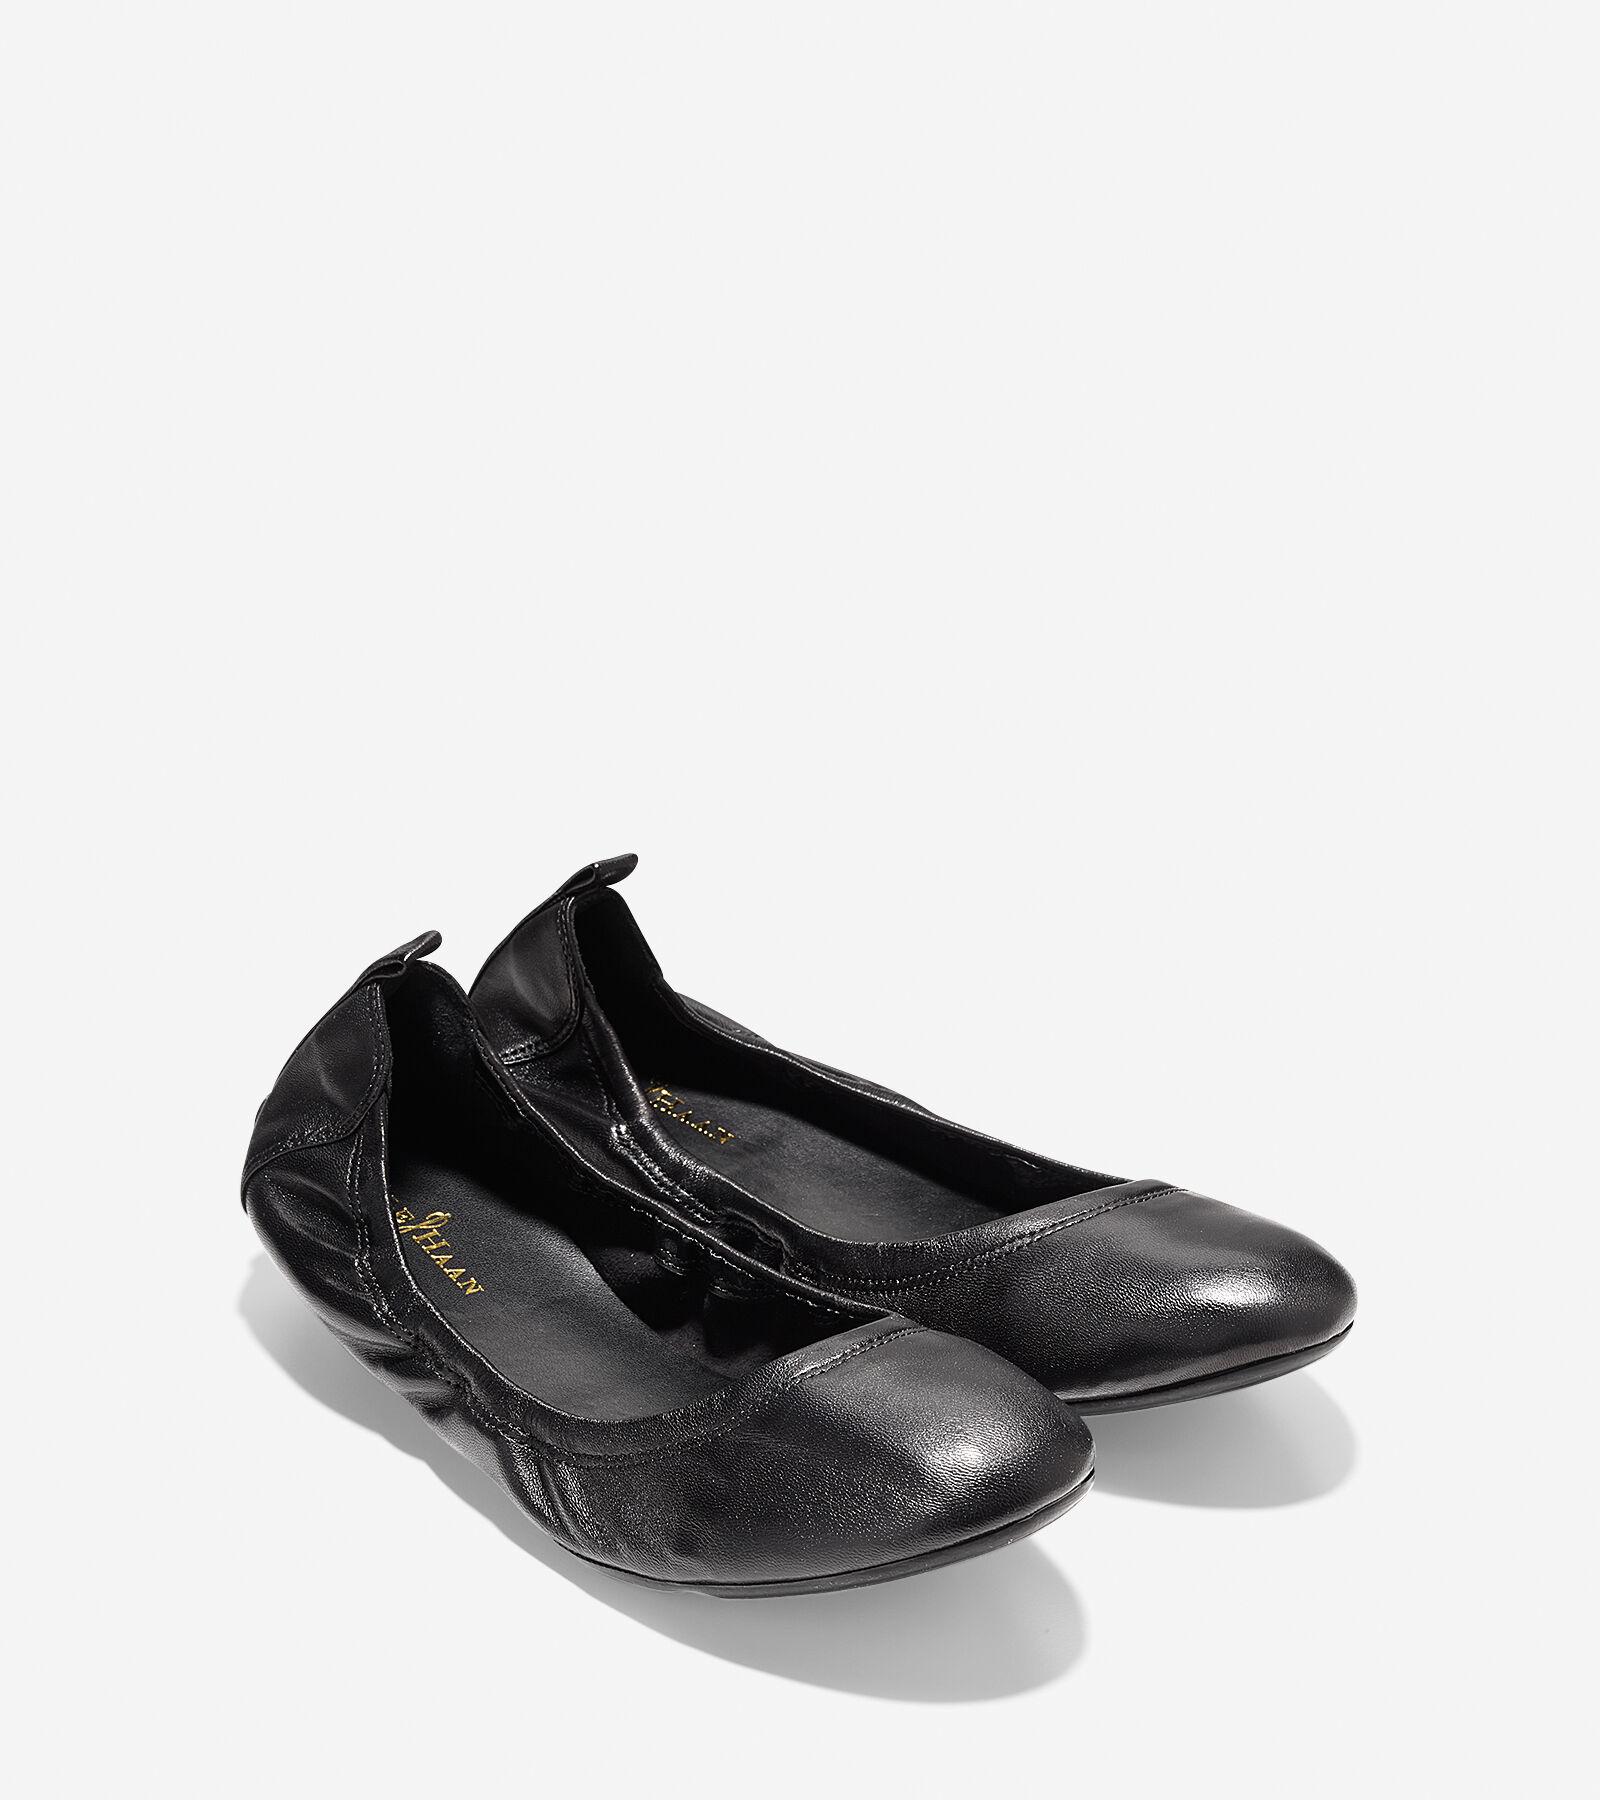 Jenni Ballet Flat in Black Nappa